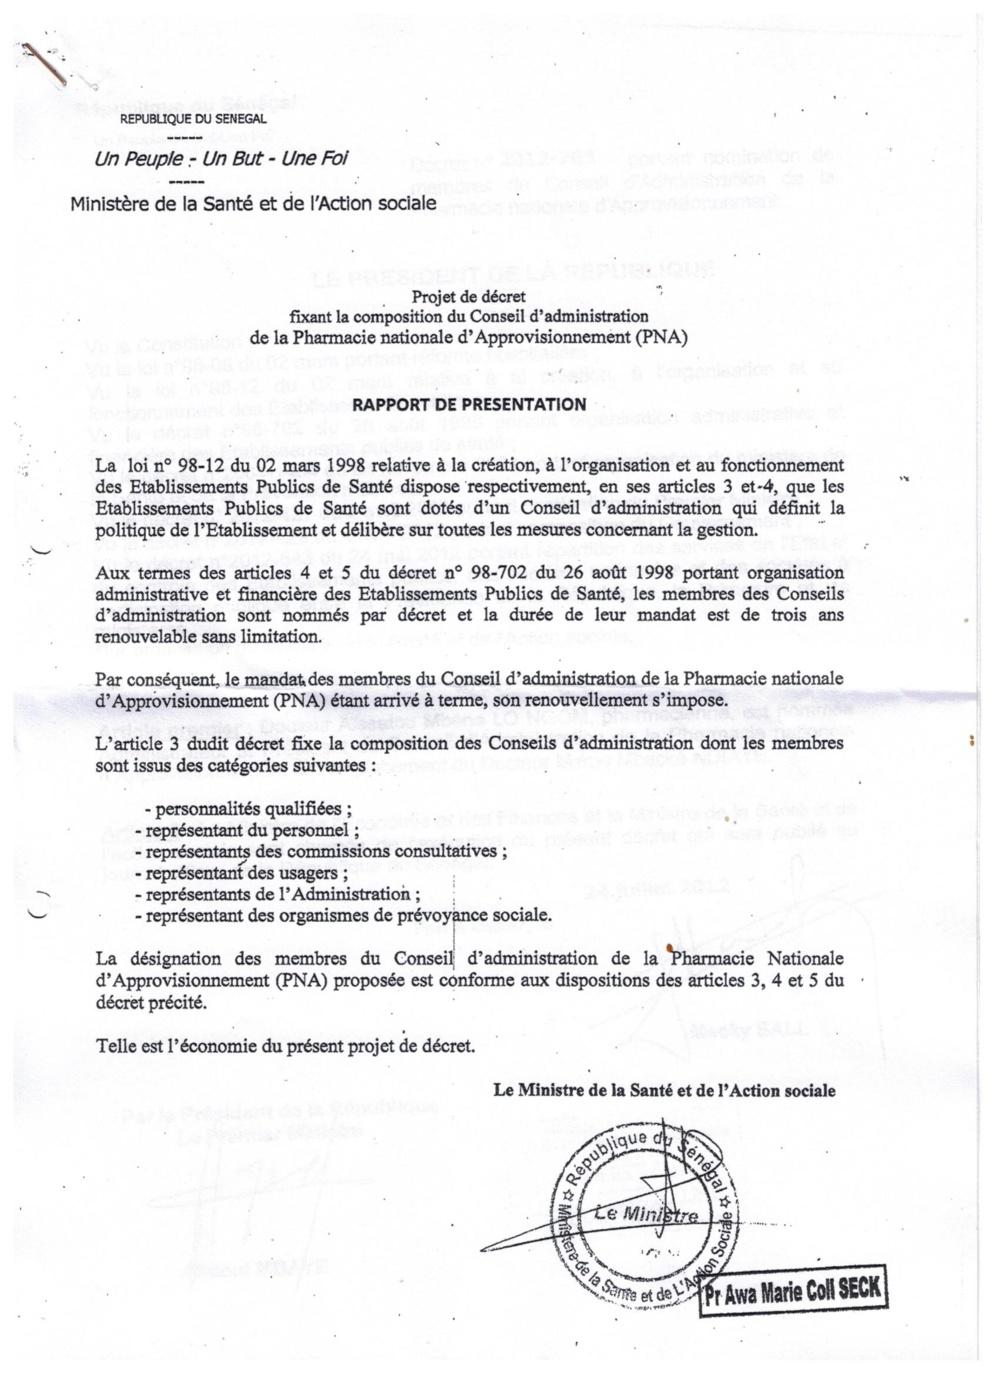 Exclusif Leral.net: Imbroglio juridique et micmacs à la Pharmacie Nationale d'Approvisionnement (PNA)